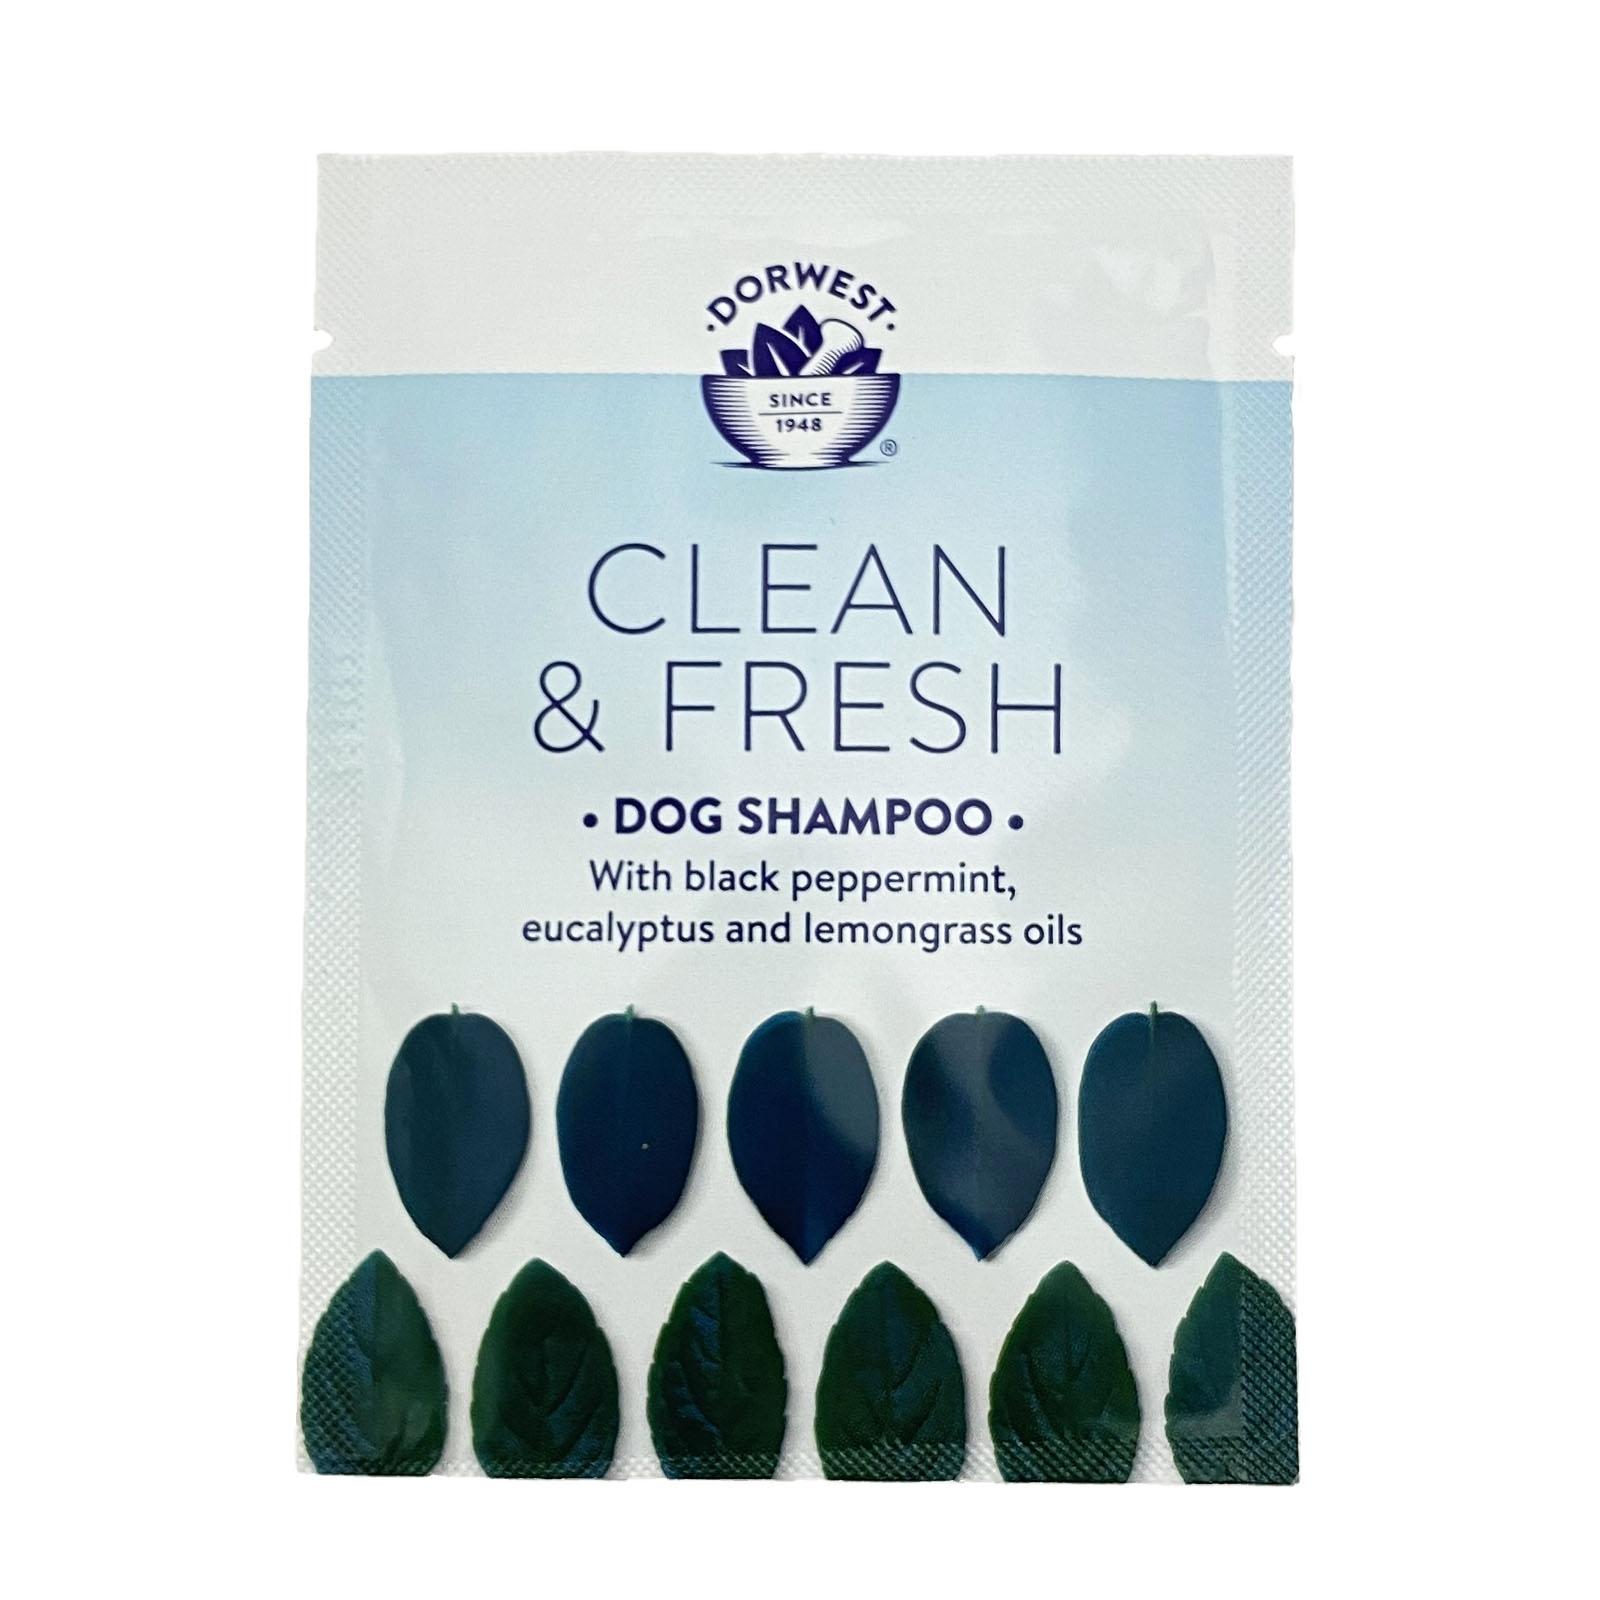 Clean & Fresh Shampoo - 30ml Sample